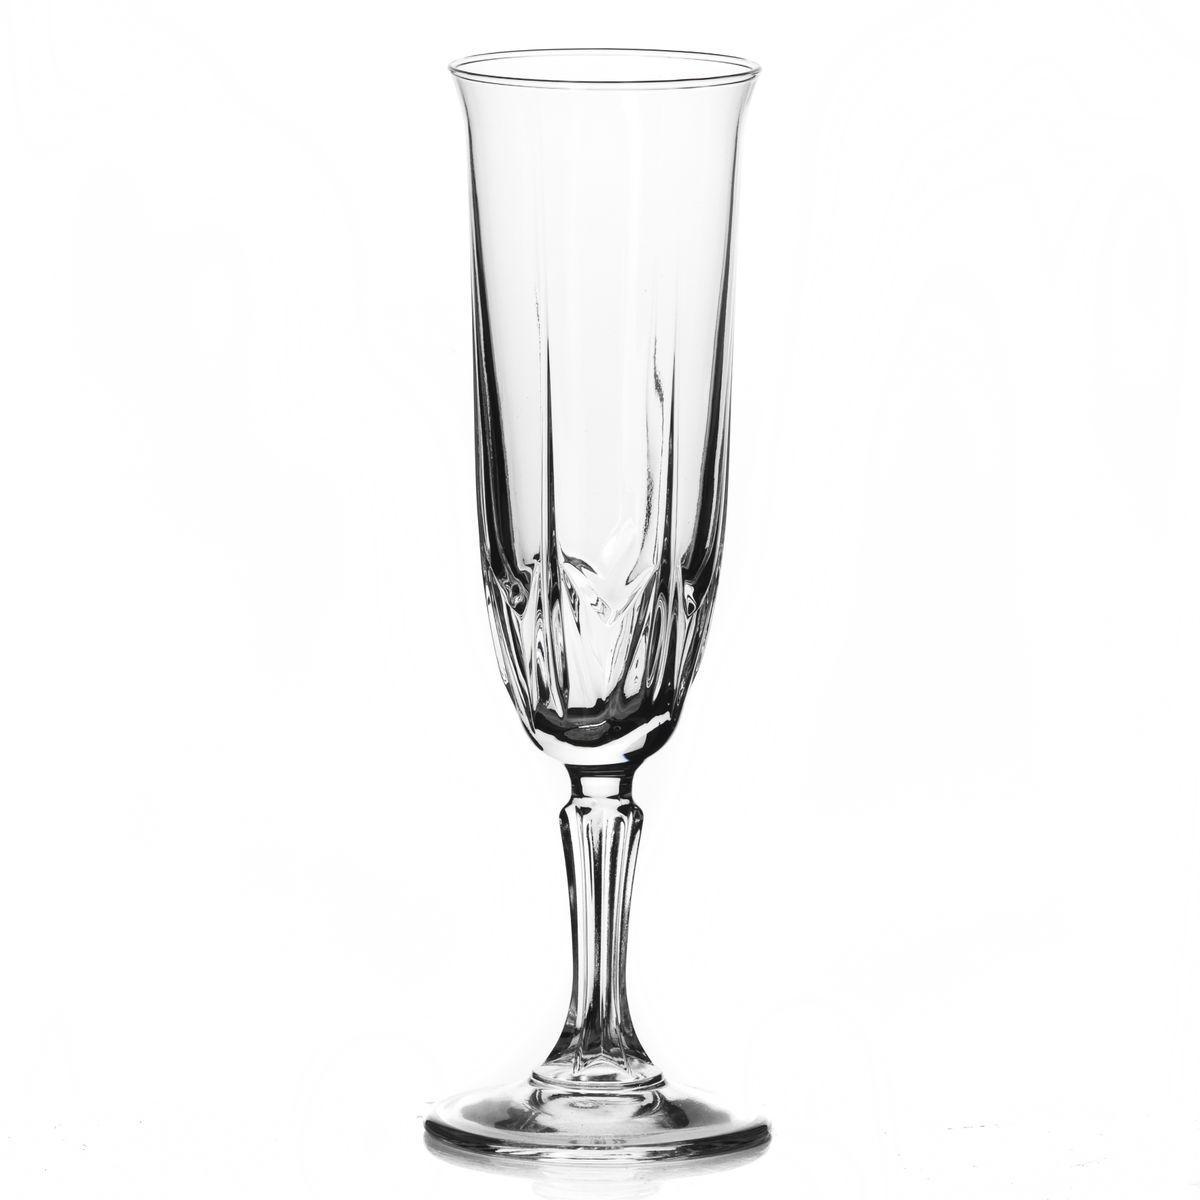 Набор бокалов Pasabahce Karat, 163 мл, 6 шт440146BНабор Pasabahce Karat состоит из шести бокалов, выполненных из прочного натрий-кальций-силикатного стекла. Изделия оснащены невысокими ножками и красивым рельефным рисунком. Бокалы сочетают в себе элегантный дизайн и функциональность. Благодаря такому набору пить напитки будет еще вкуснее.Набор бокалов Pasabahce Karat прекрасно оформит праздничный стол и создаст приятную атмосферу за ужином. Такой набор также станет хорошим подарком к любому случаю. Можно мыть в посудомоечной машине.Диаметр бокала (по верхнему краю): 5,5 см. Высота бокала: 21 см.